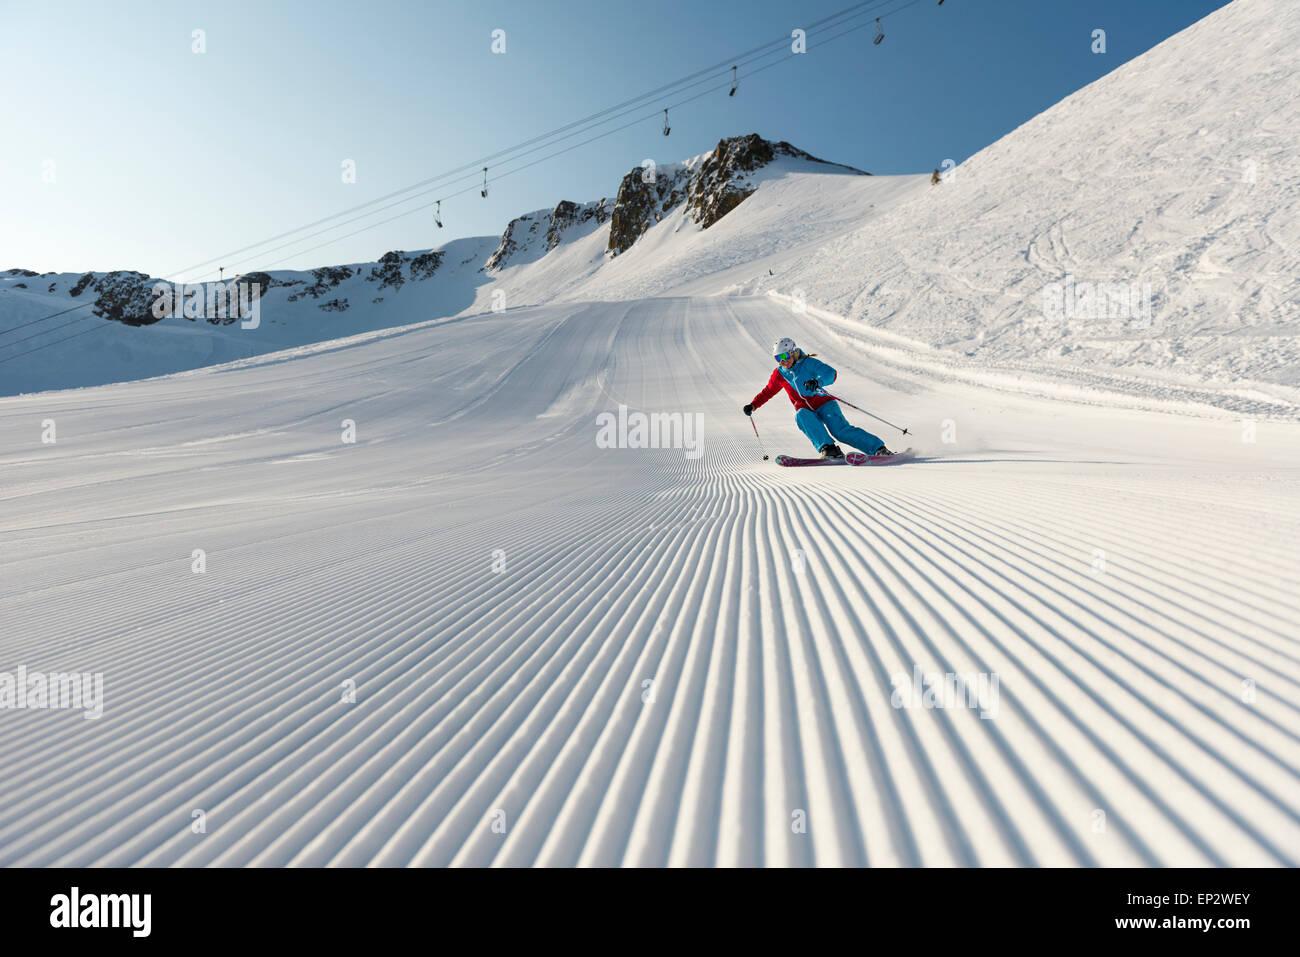 Esquiador Squaw Valley con hermosas arreglados bajo la nieve palisades sobre Siberia Levante en Squaw Valley Ski Resort, CA Foto de stock